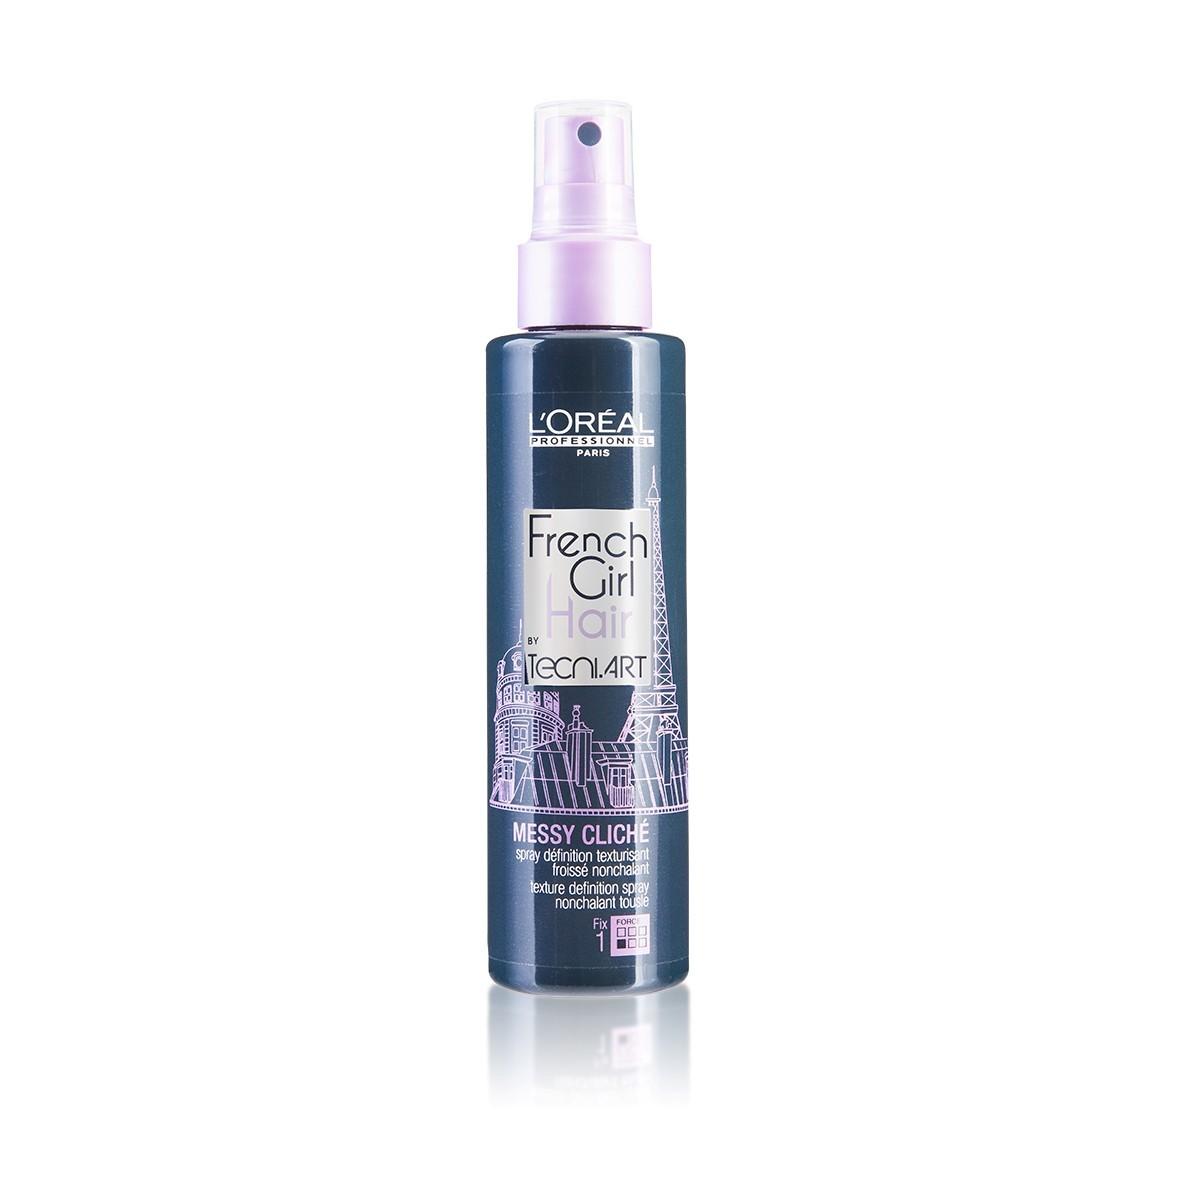 LOREAL French Girl Hair by Tecni Art Messy Cliche 150ml - Teksturyzujący spray do włosów